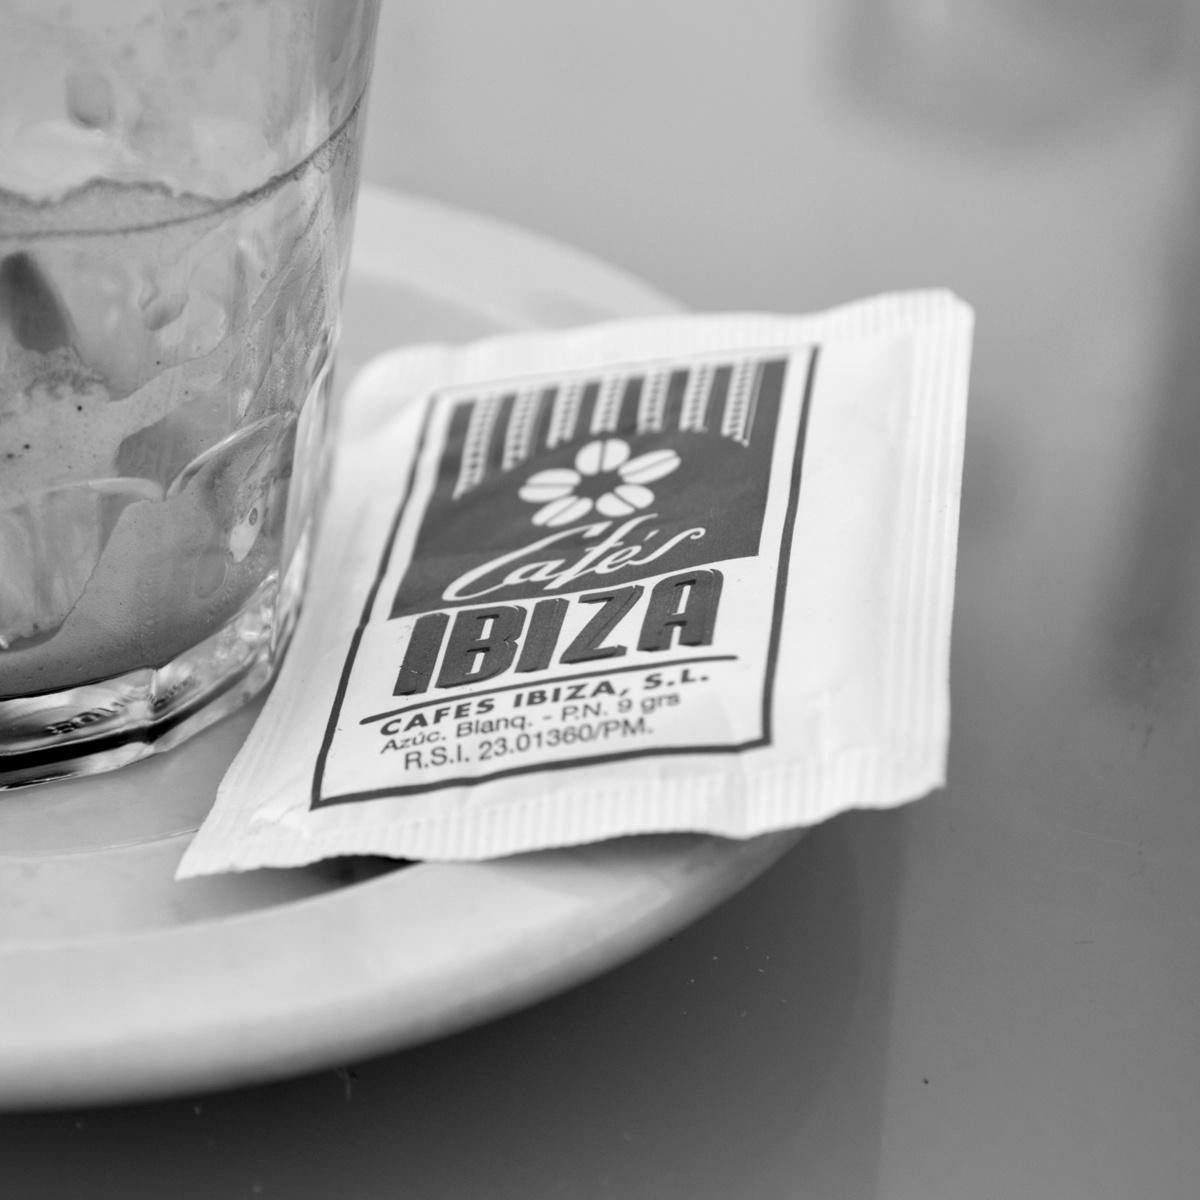 Ibiza Cafes